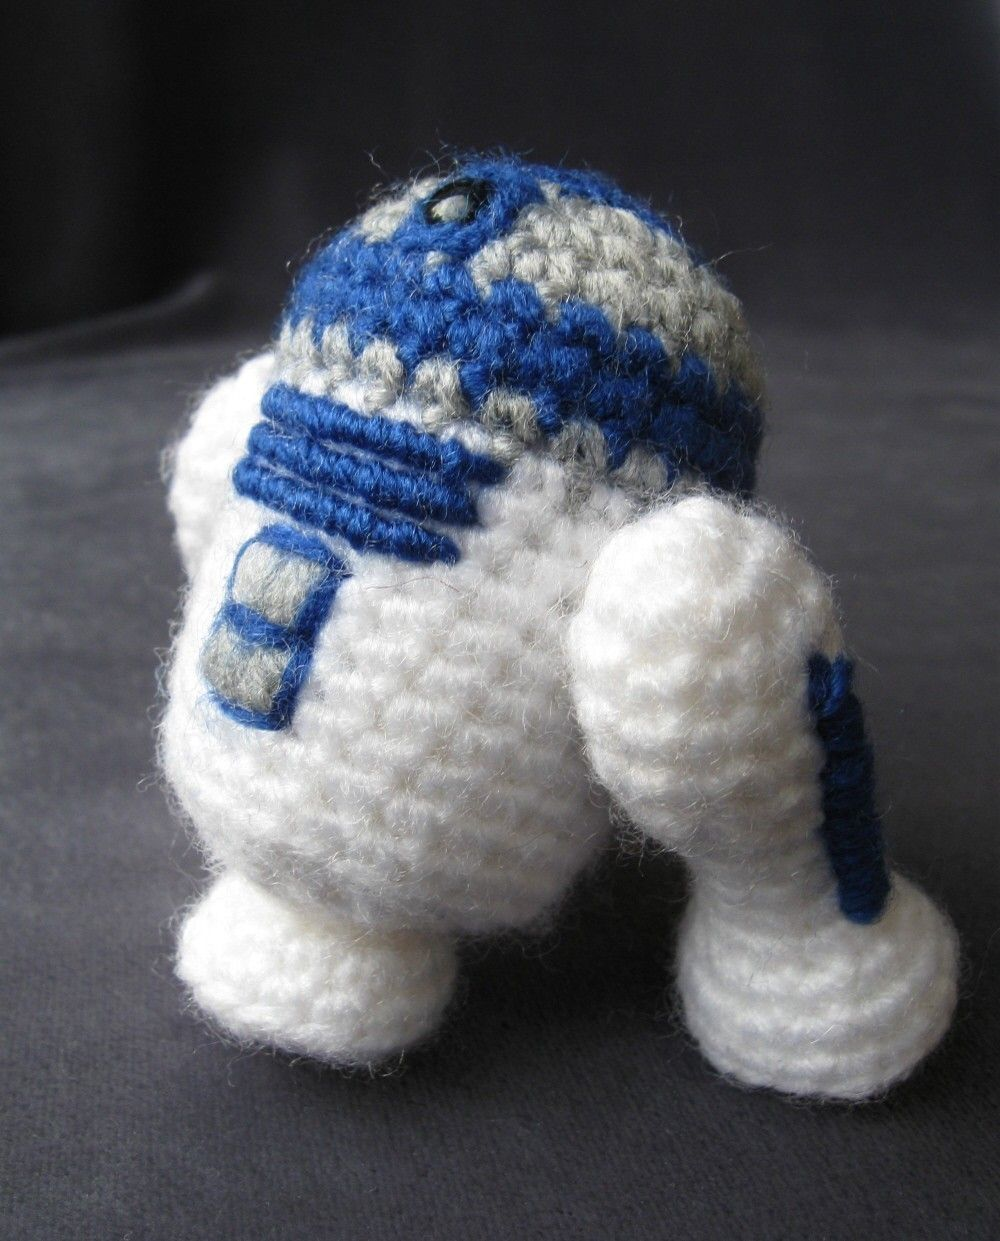 Crochet R2-D2 (Star Wars Mini Amigurumi Pattern) | Superheroes ...